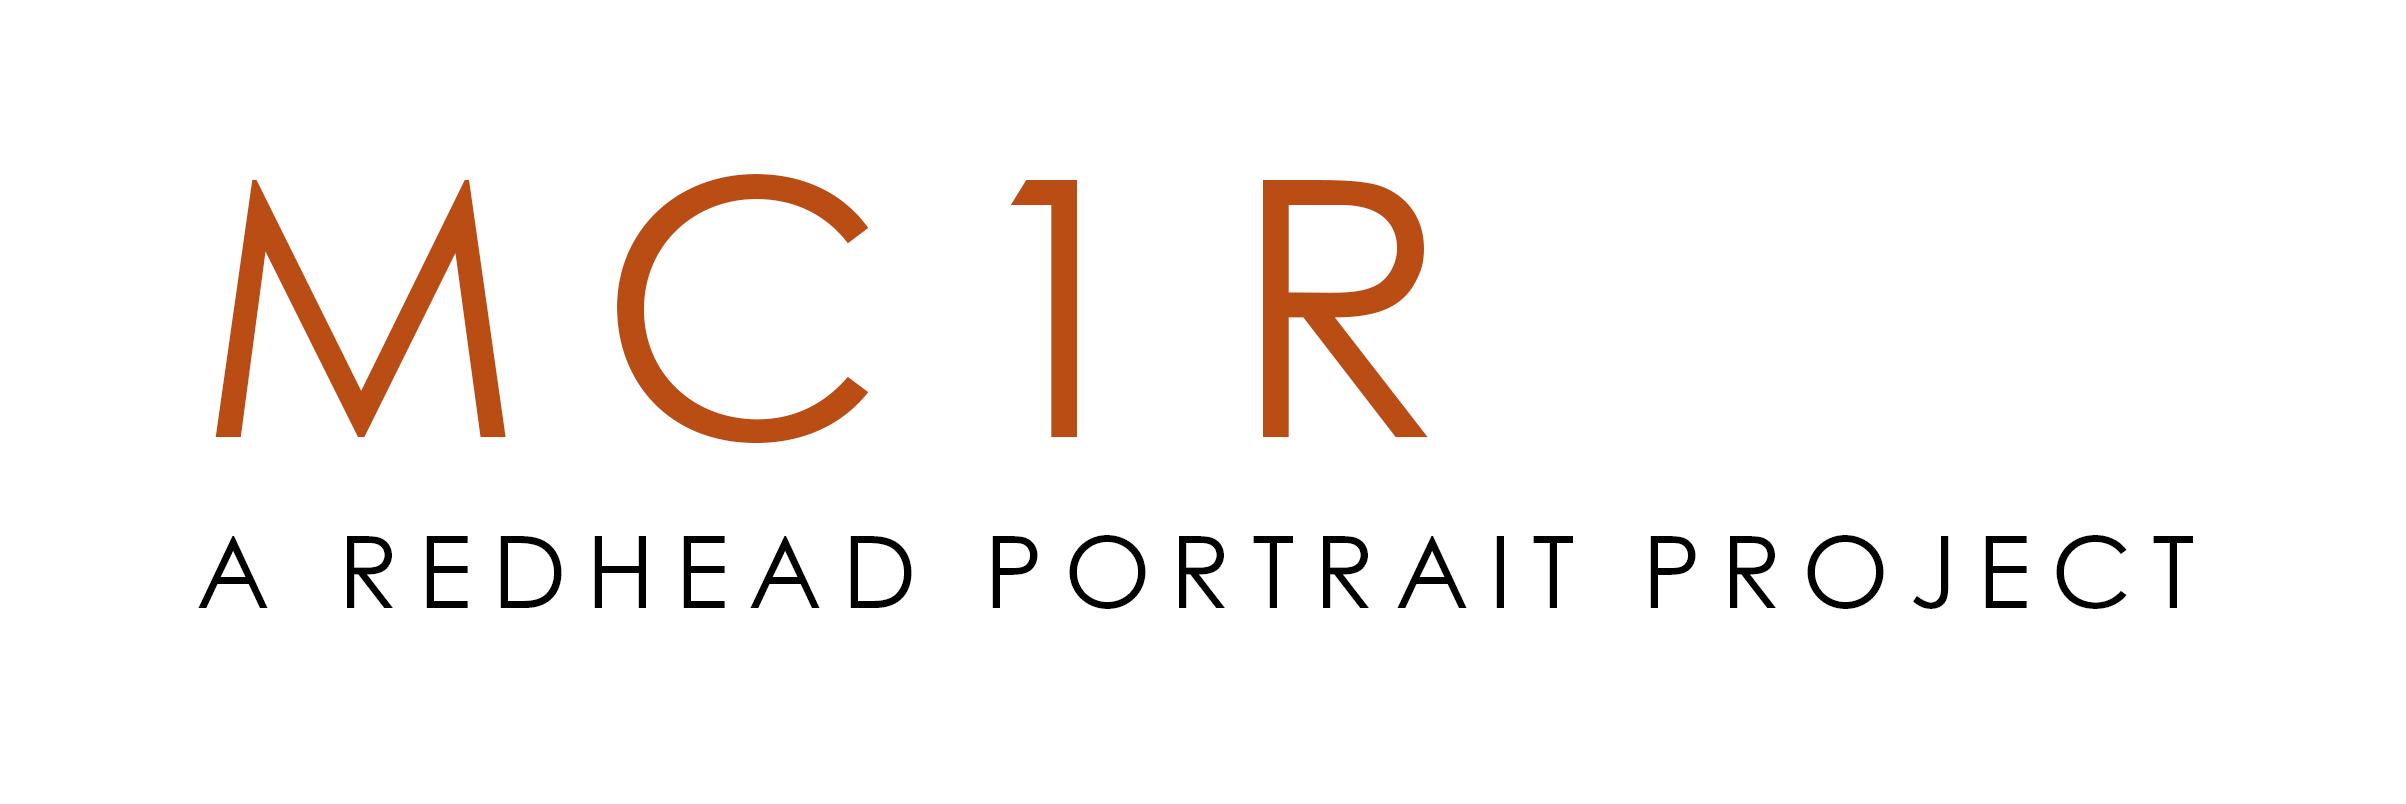 MC1R.jpg